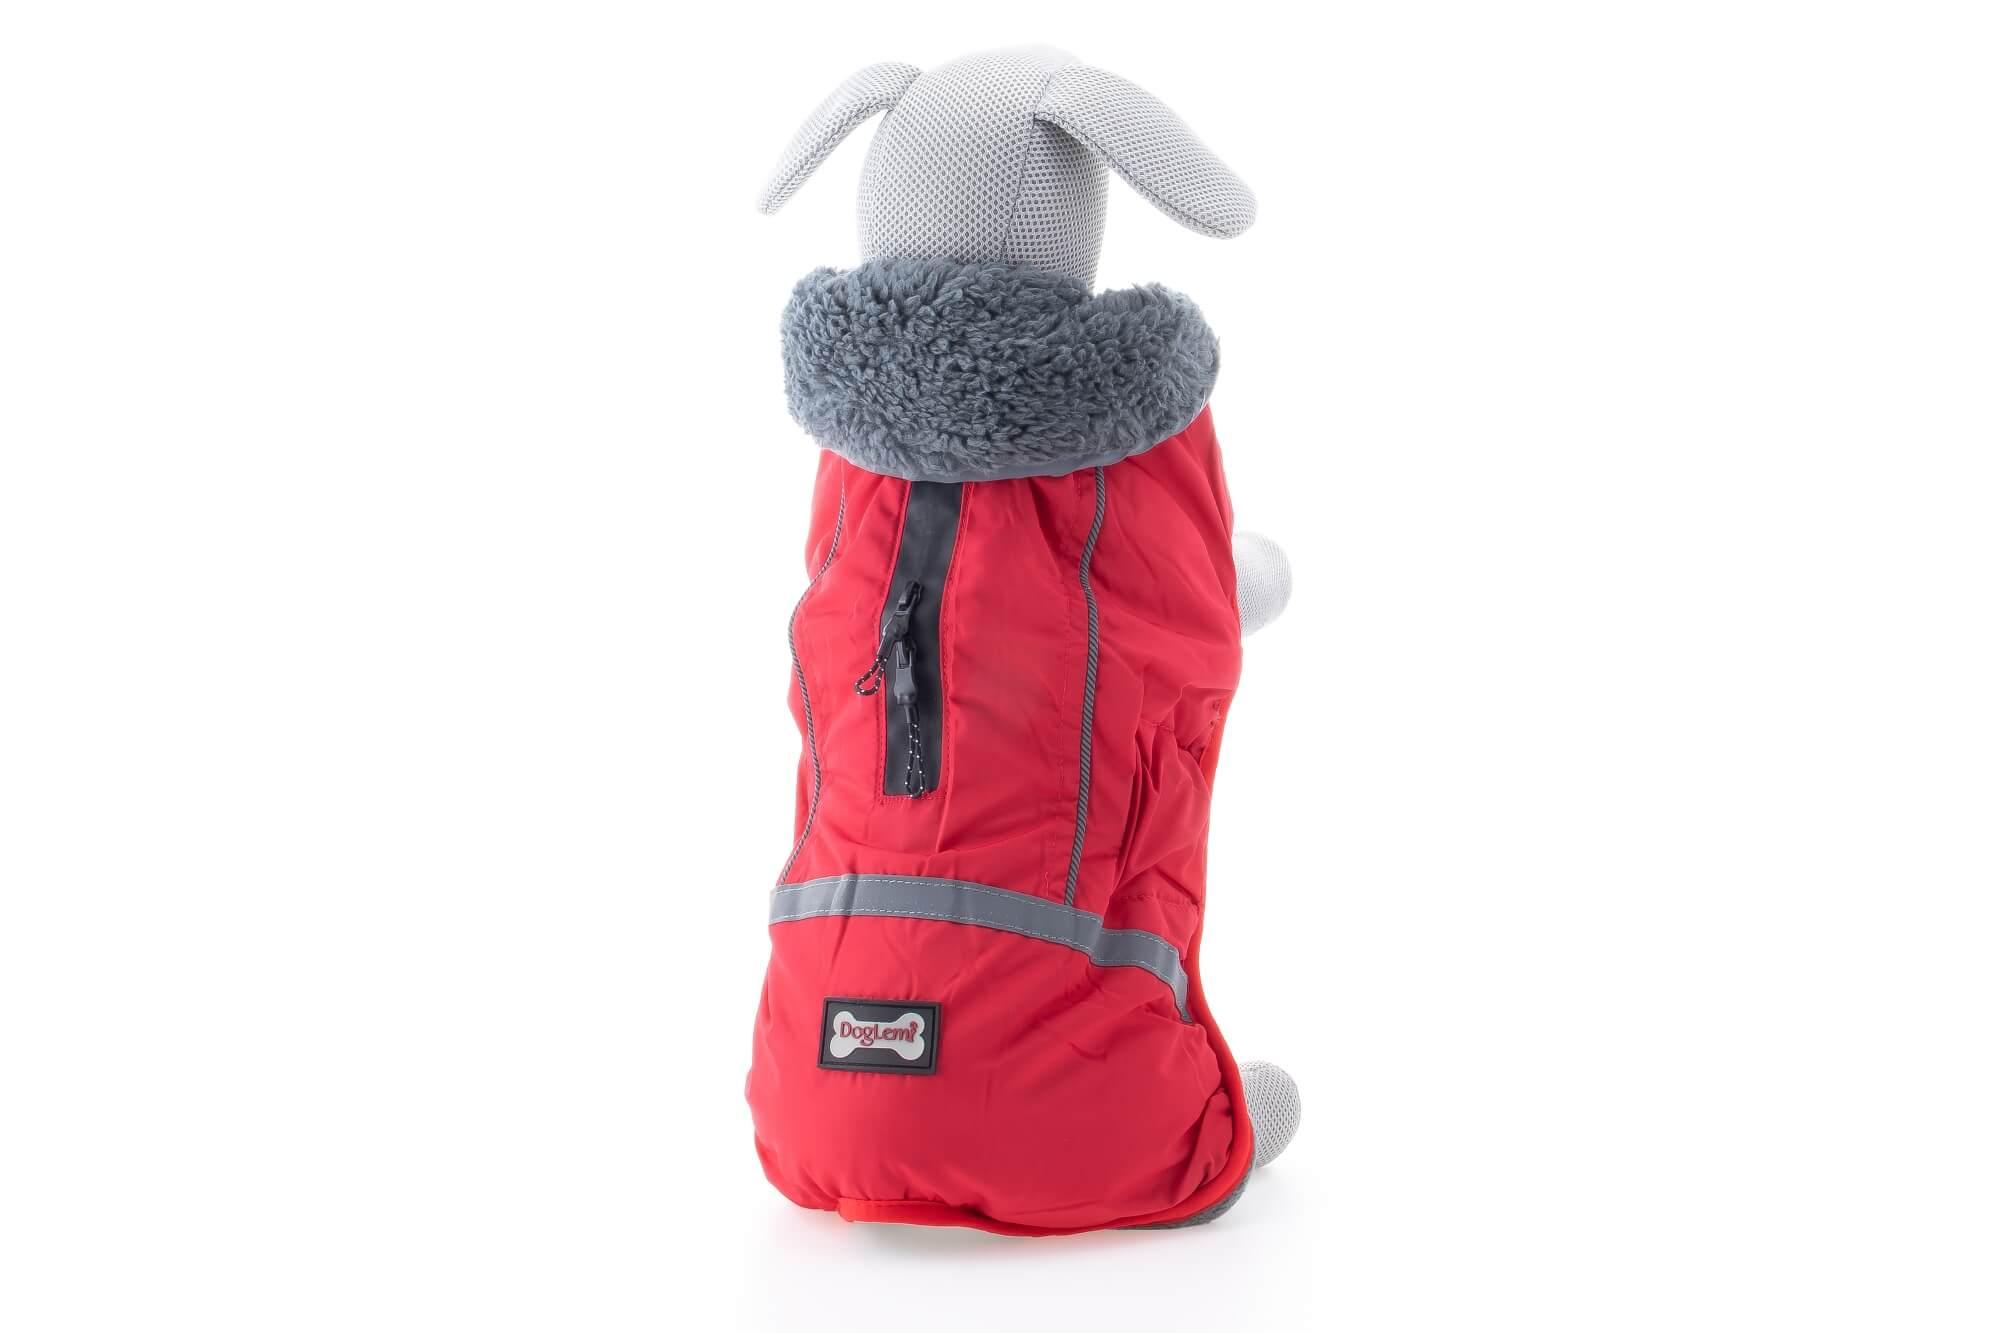 Vsepropejska Rafael bunda pro psa s kožíškem Barva: Červená, Délka zad psa: 29 cm, Obvod hrudníku: 34 - 55 cm